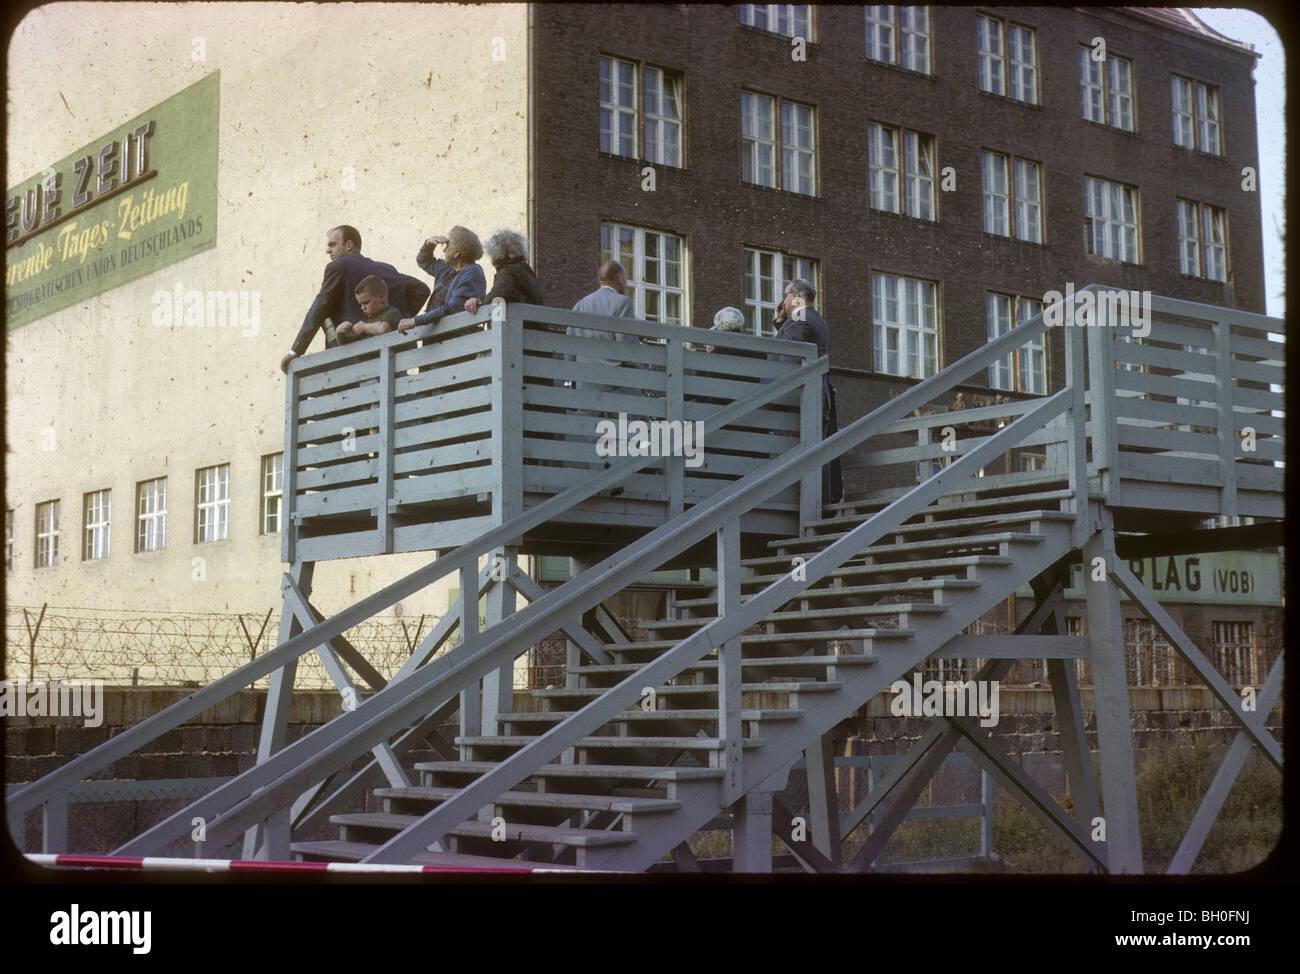 Los turistas que buscan en Alemania Oriental. Berlín, junto al Muro de Berlín, visto desde Alemania Occidental Imagen De Stock